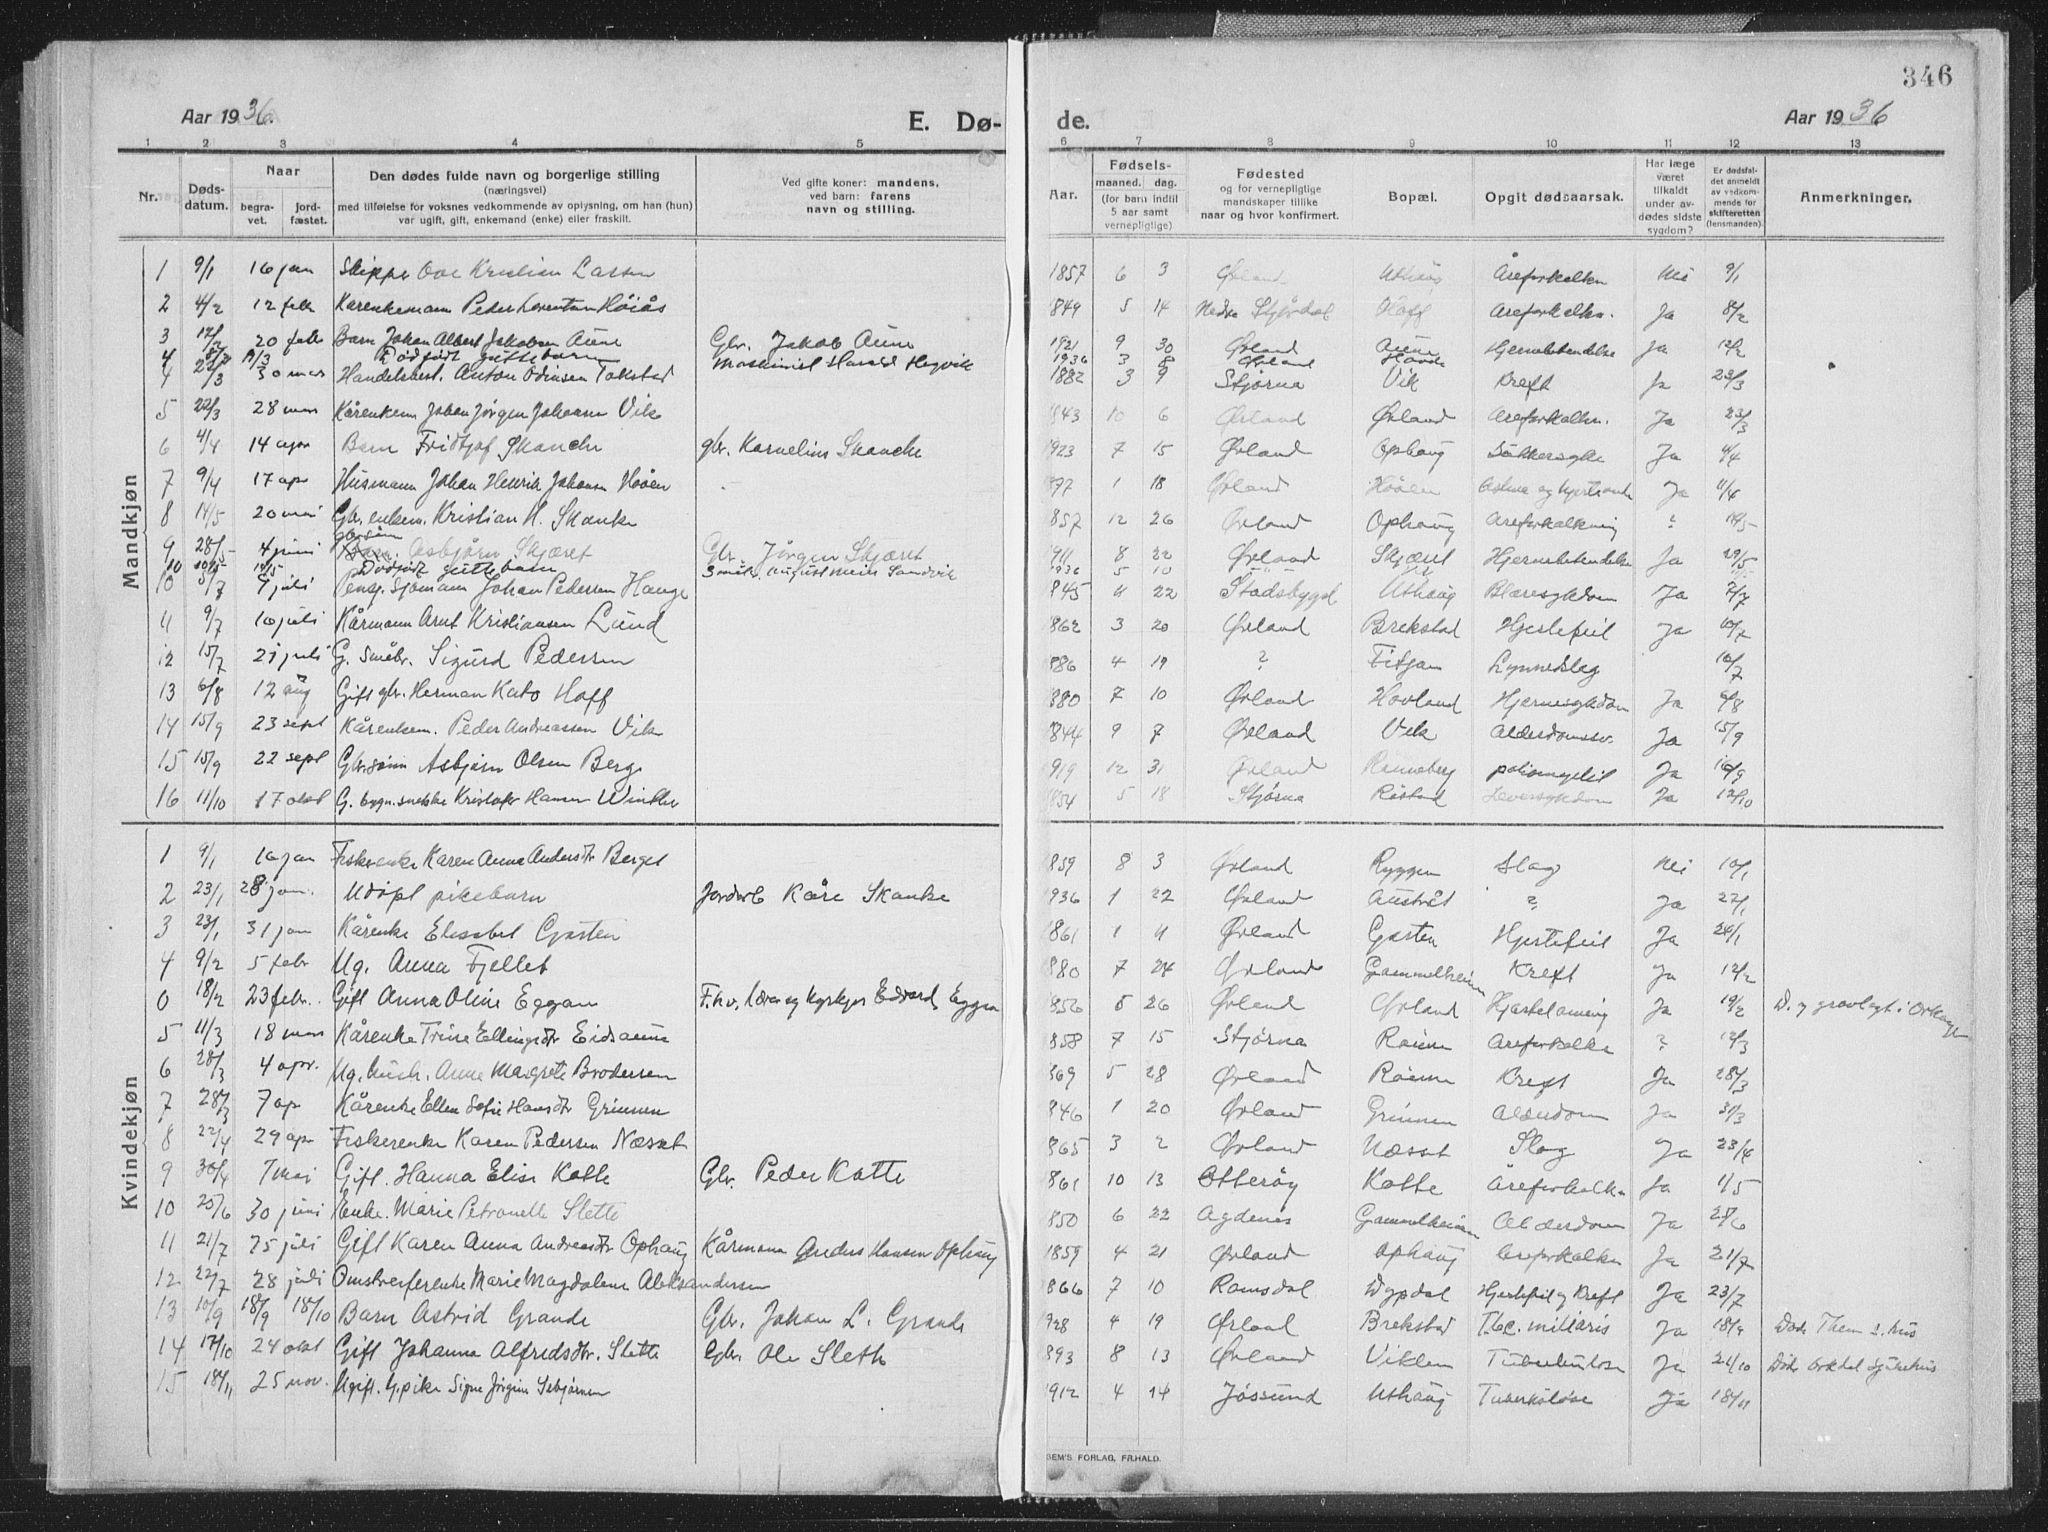 SAT, Ministerialprotokoller, klokkerbøker og fødselsregistre - Sør-Trøndelag, 659/L0747: Klokkerbok nr. 659C04, 1913-1938, s. 346